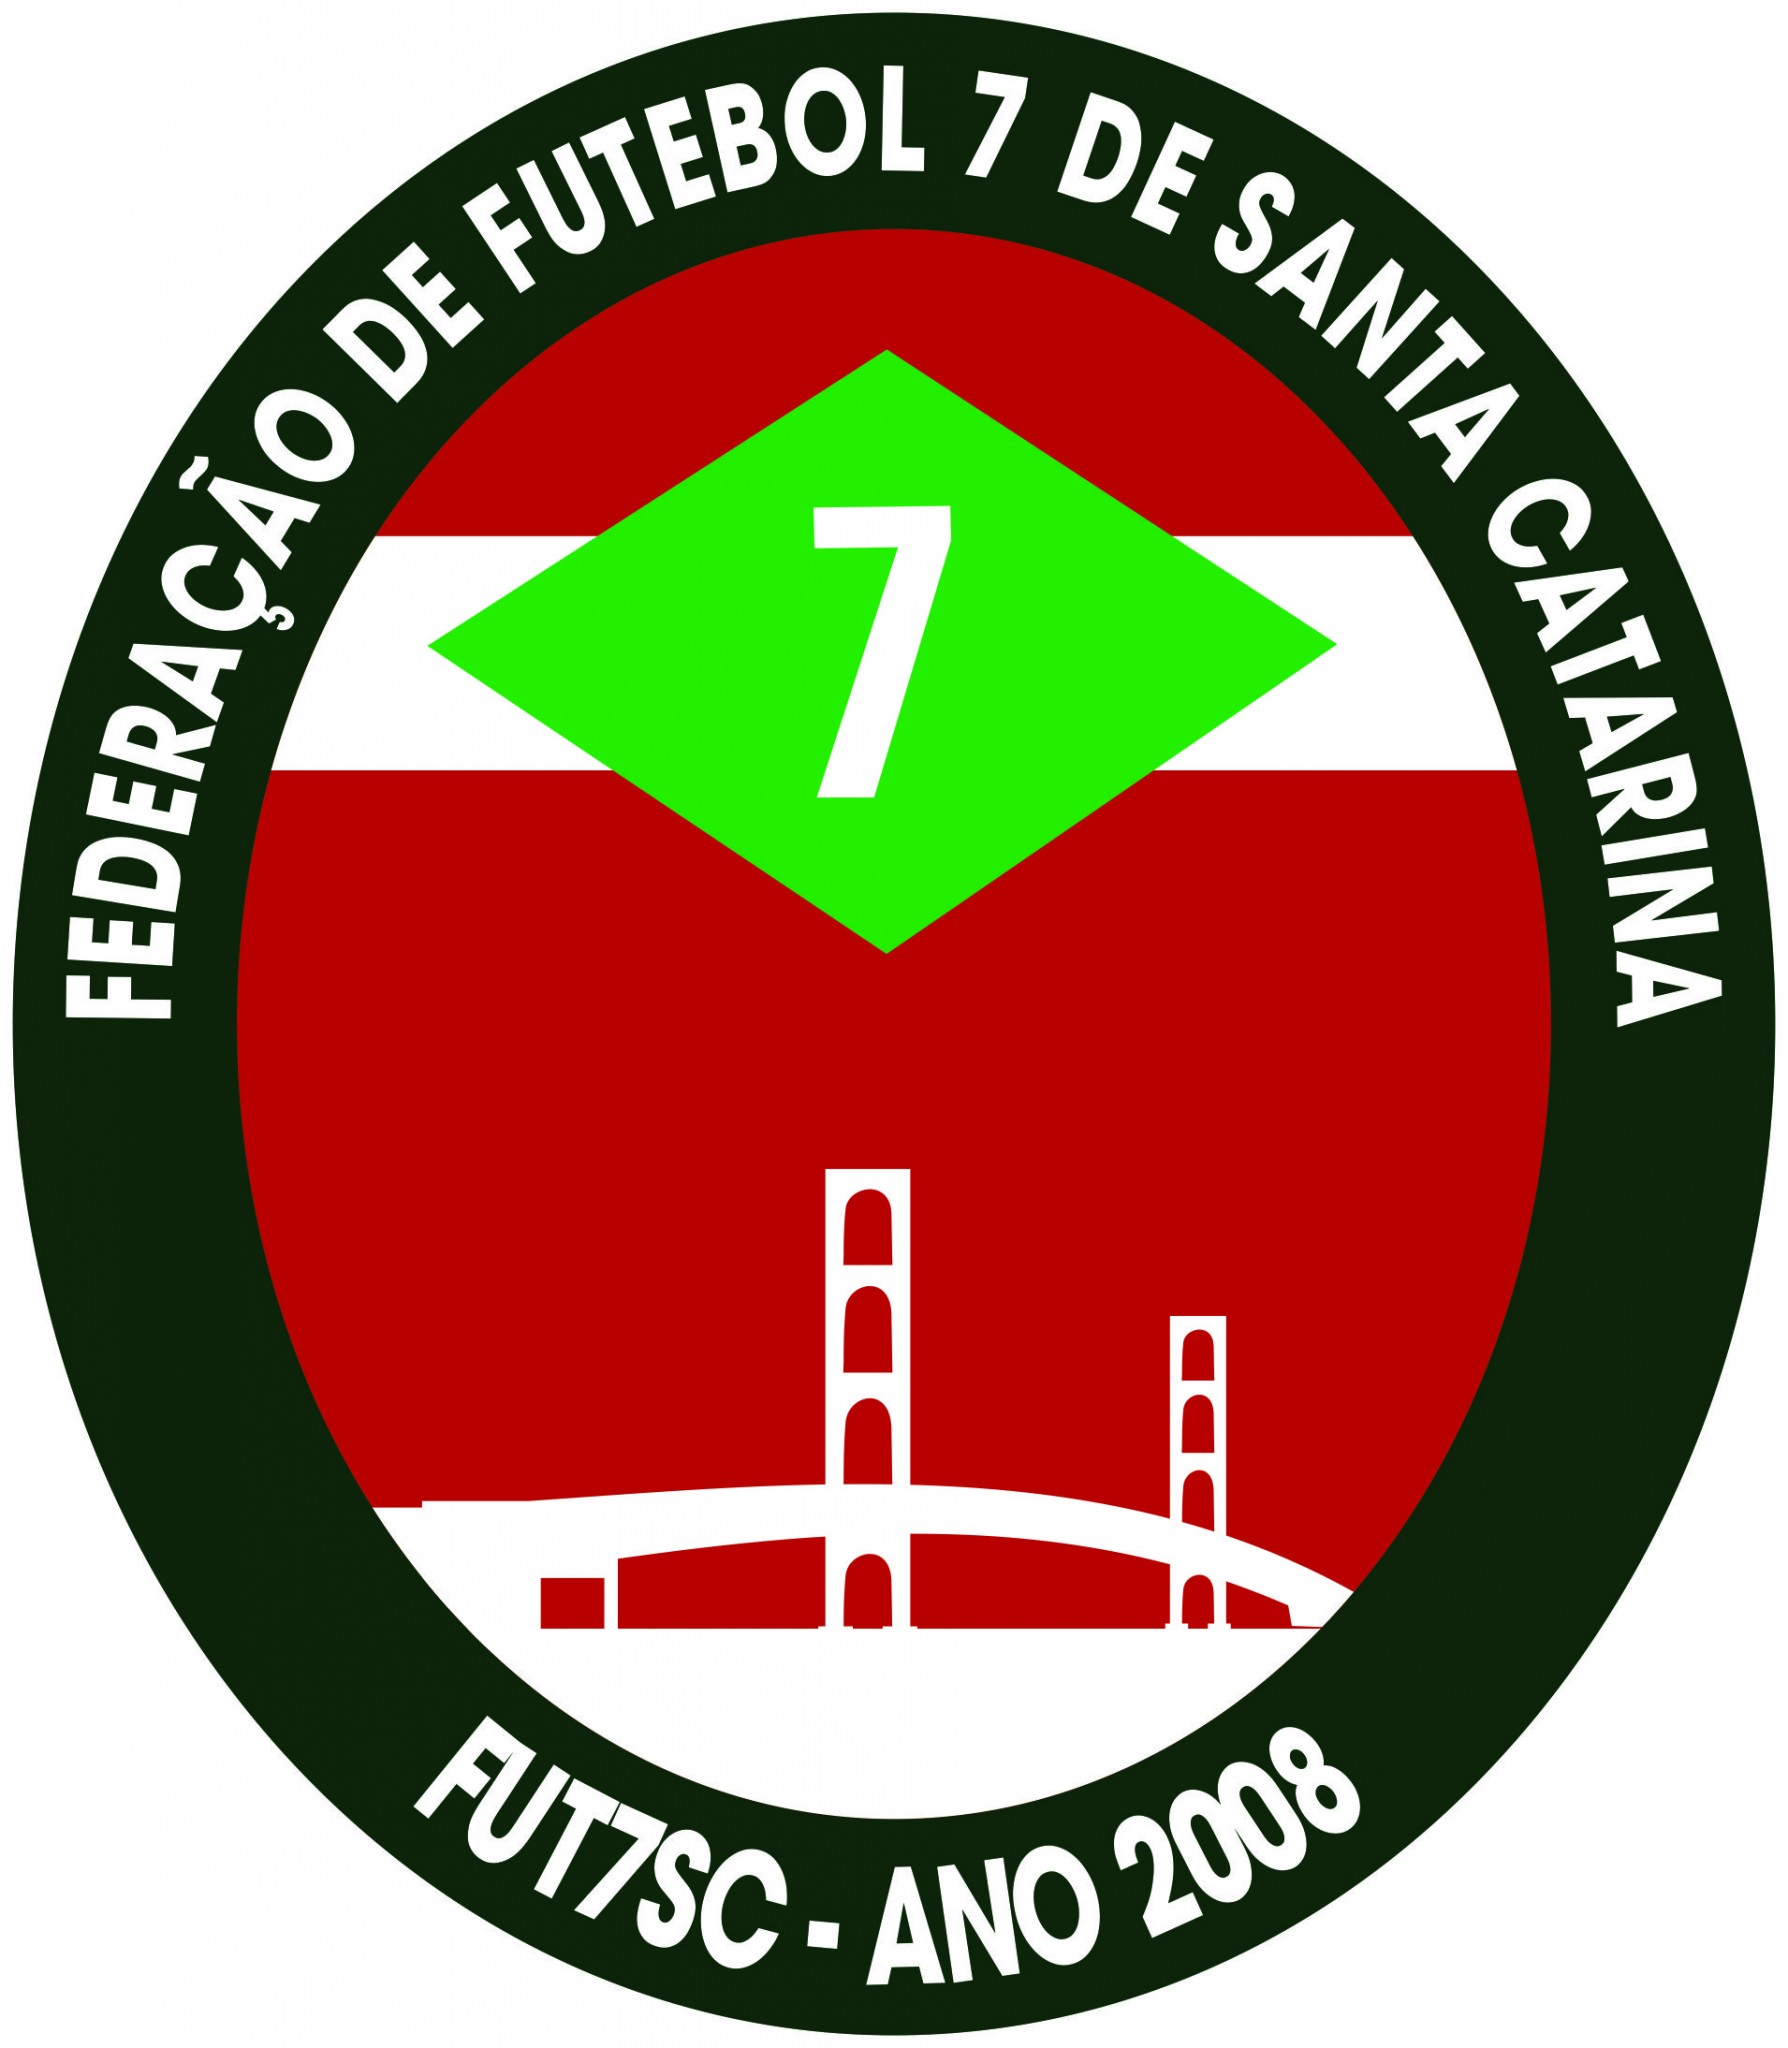 Federação de Futebol 7 de SC